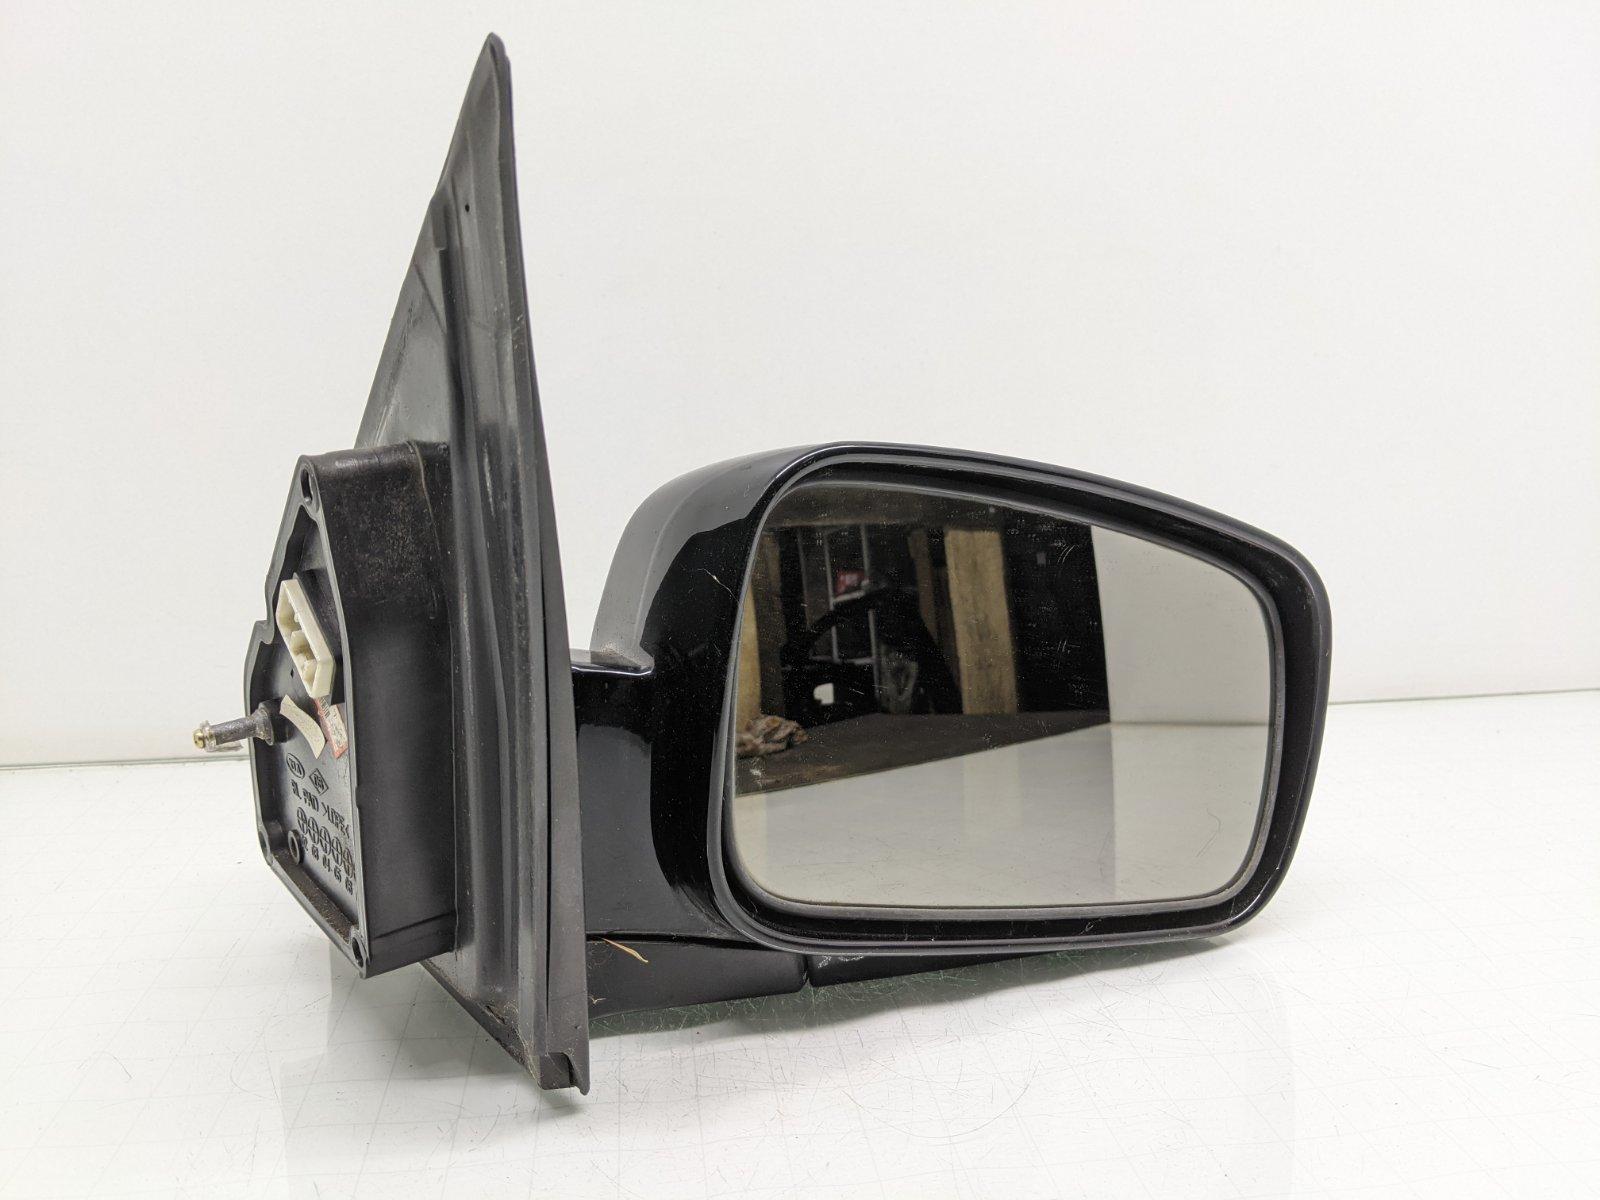 Зеркало наружное правое Kia Sorento 2.5 CRDI 2004 (б/у)